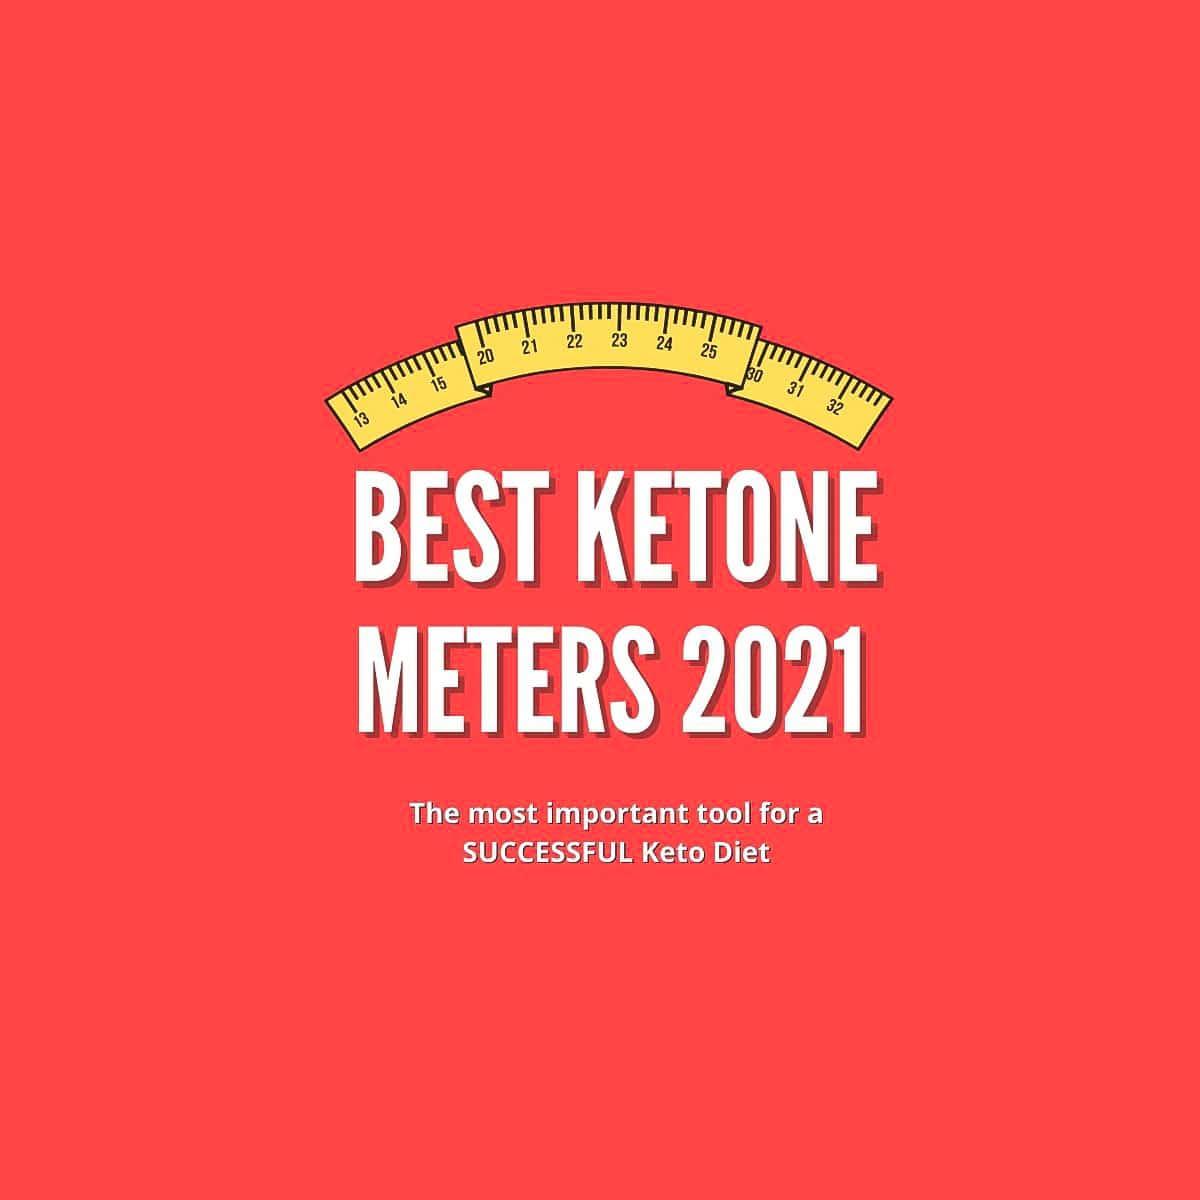 Best Ketone Meters of 2021